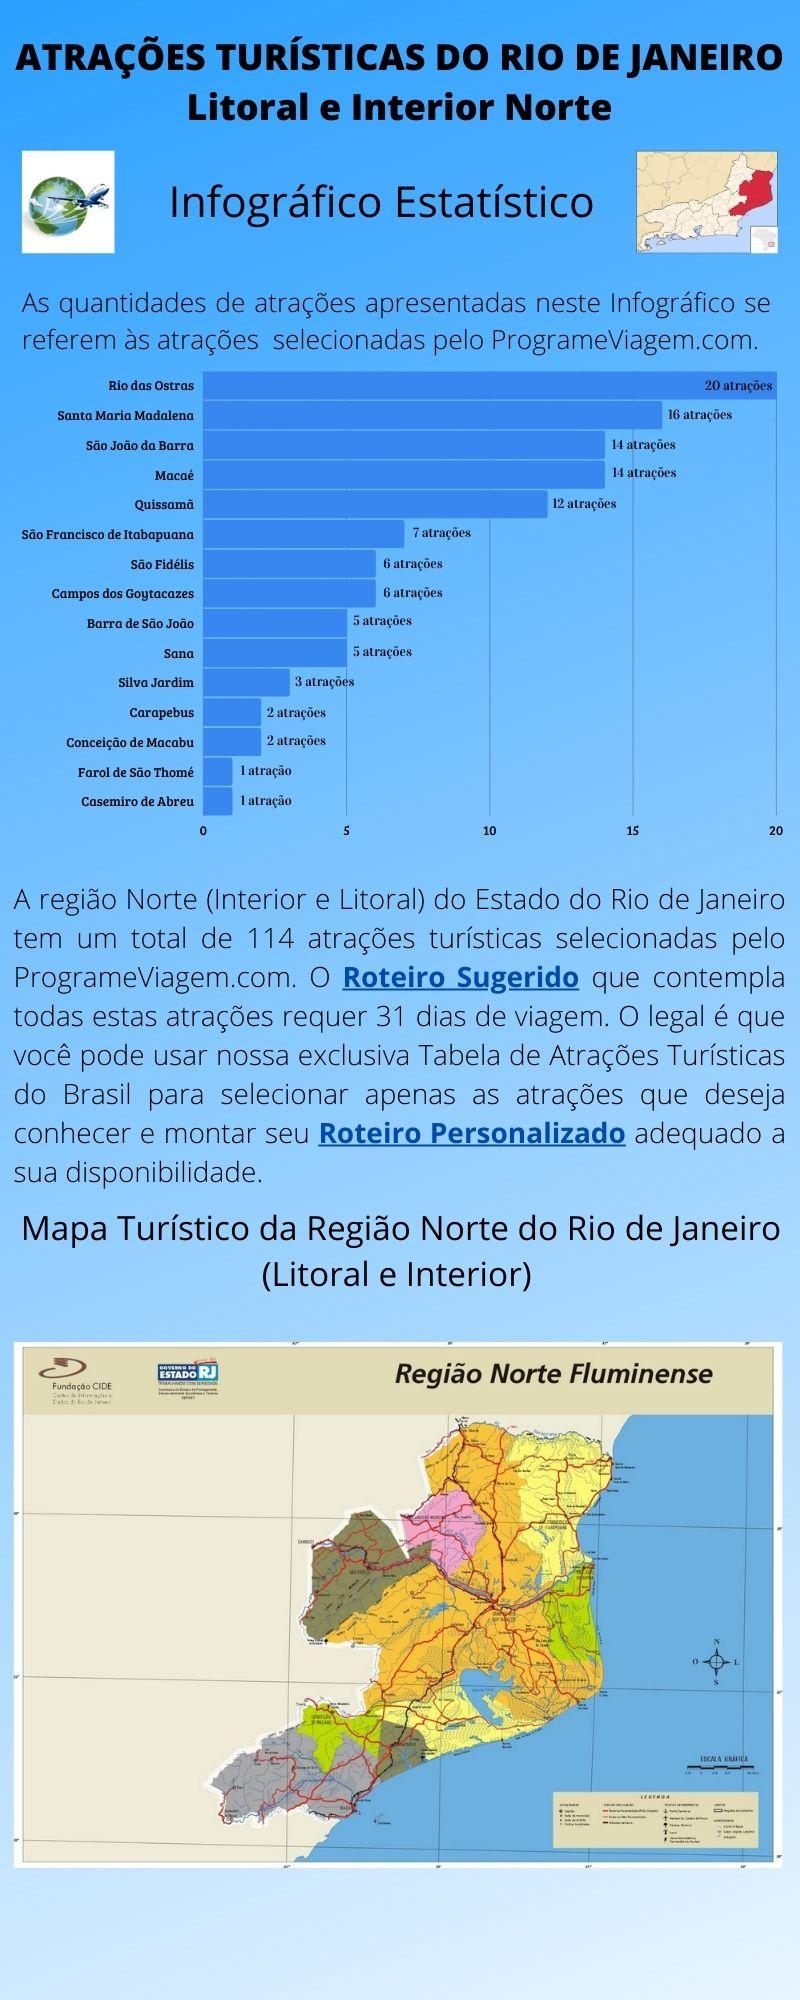 Infográfico Atrações Turísticas do Rio de Janeiro (Litoral e Interior Norte)